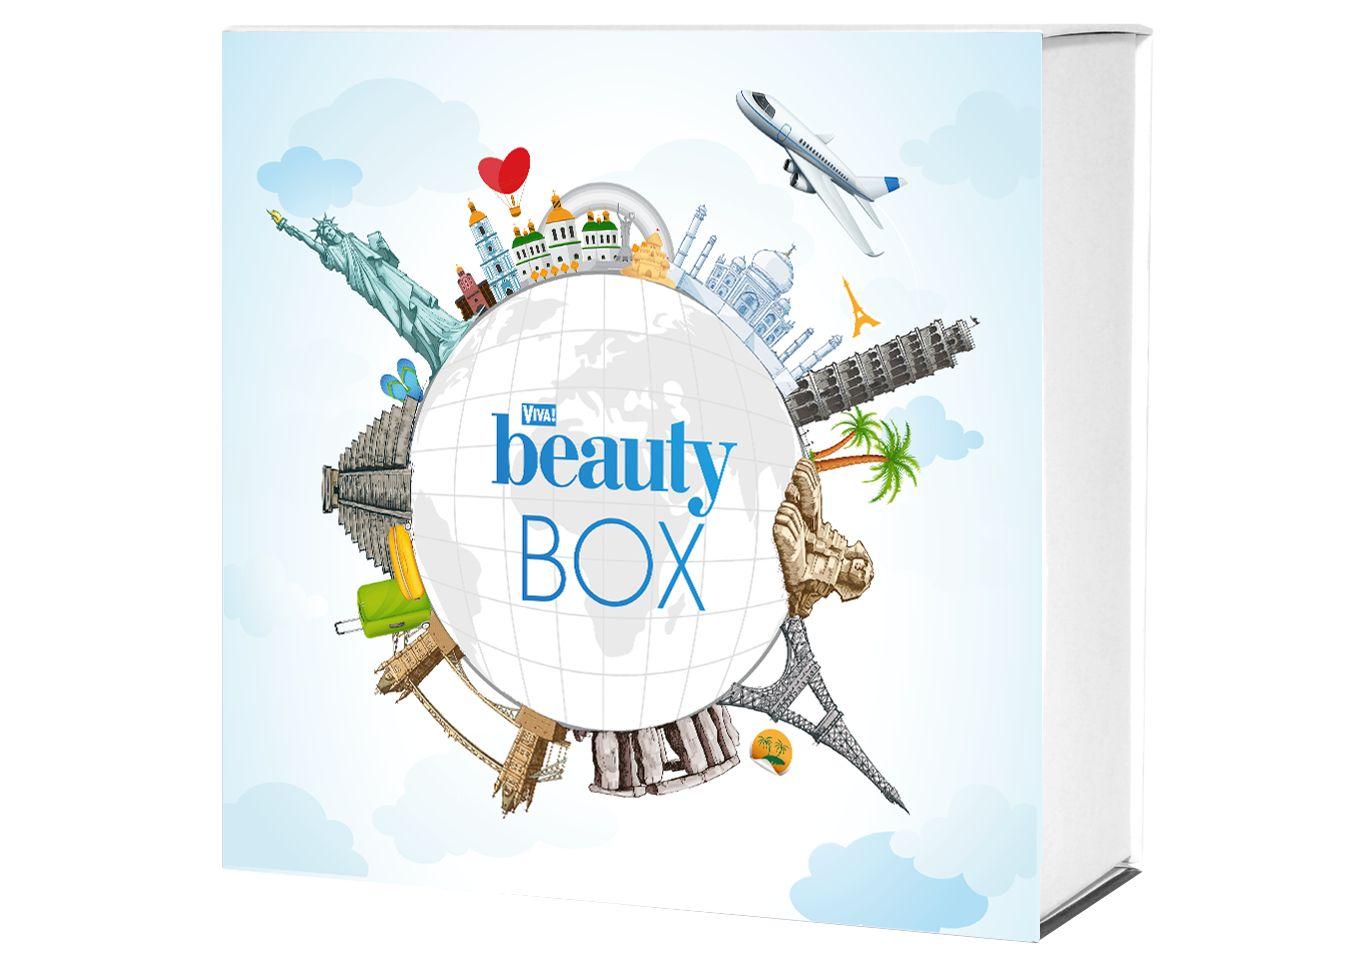 Viva! Beauty BOX Travel: все для твоего идеального путешествия!